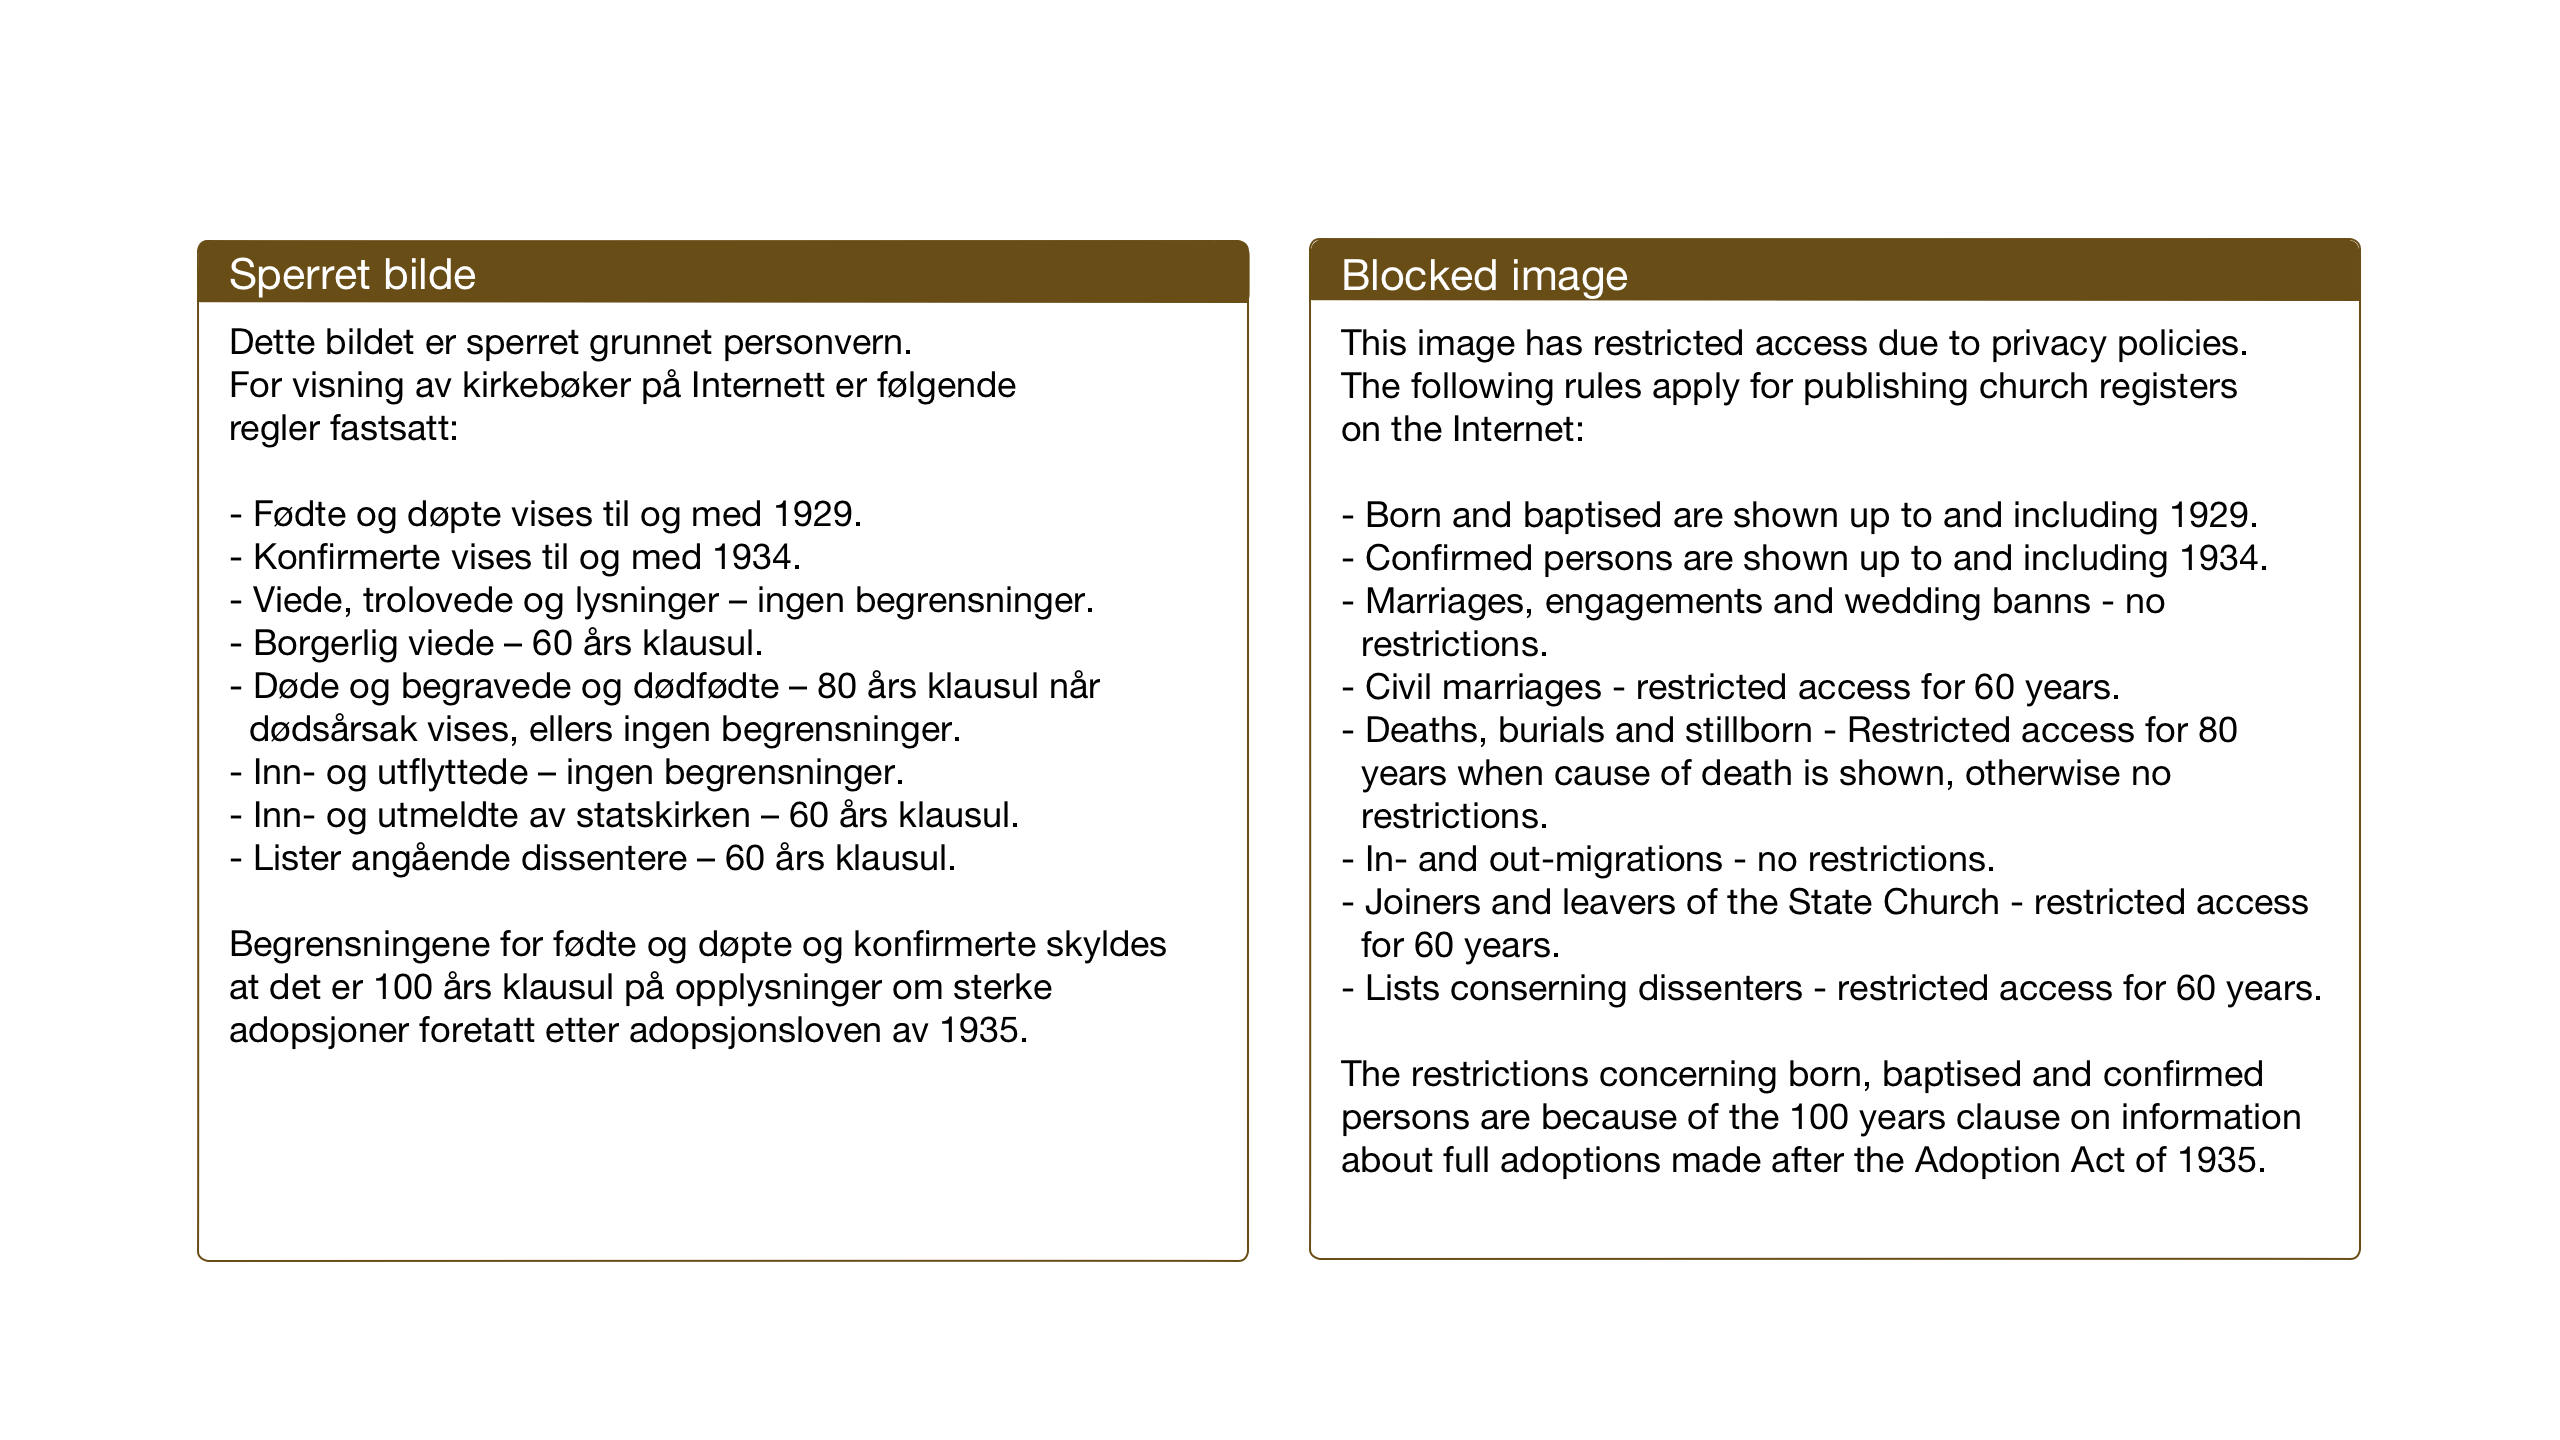 SAT, Ministerialprotokoller, klokkerbøker og fødselsregistre - Sør-Trøndelag, 615/L0401: Klokkerbok nr. 615C02, 1922-1941, s. 64